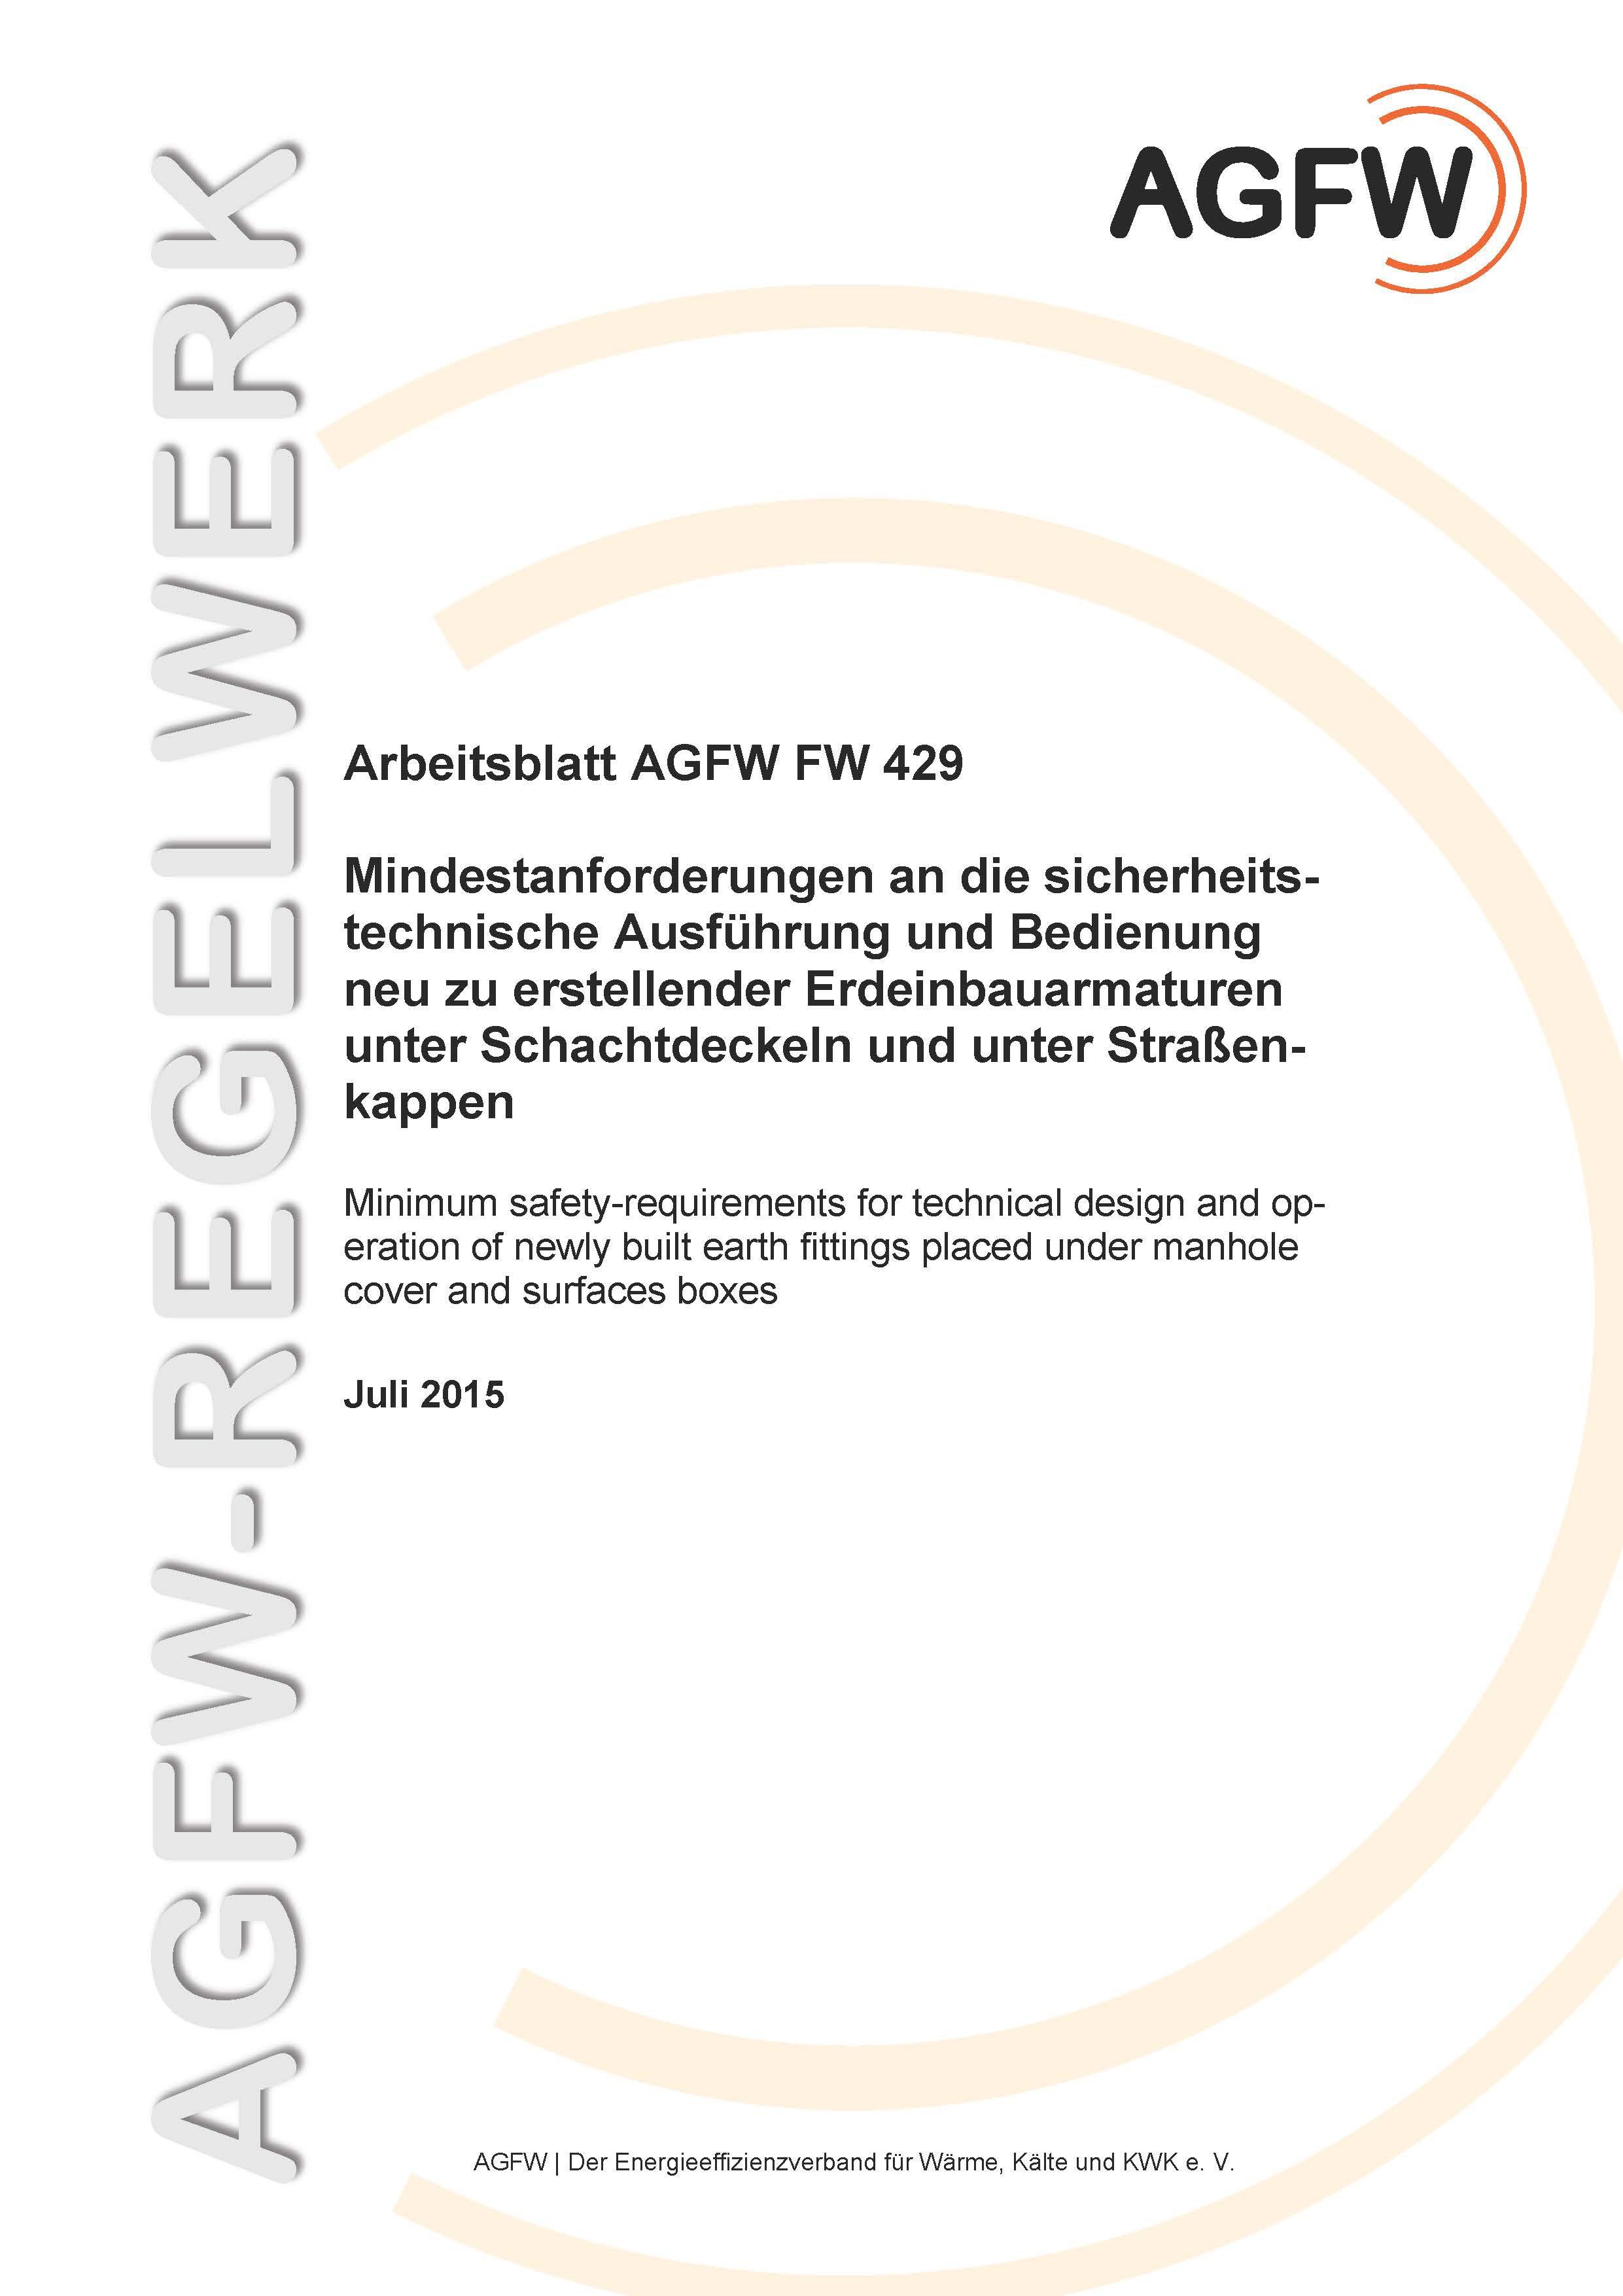 FW 429 - Mindestanforderungen an die sicherheitstechnische ...